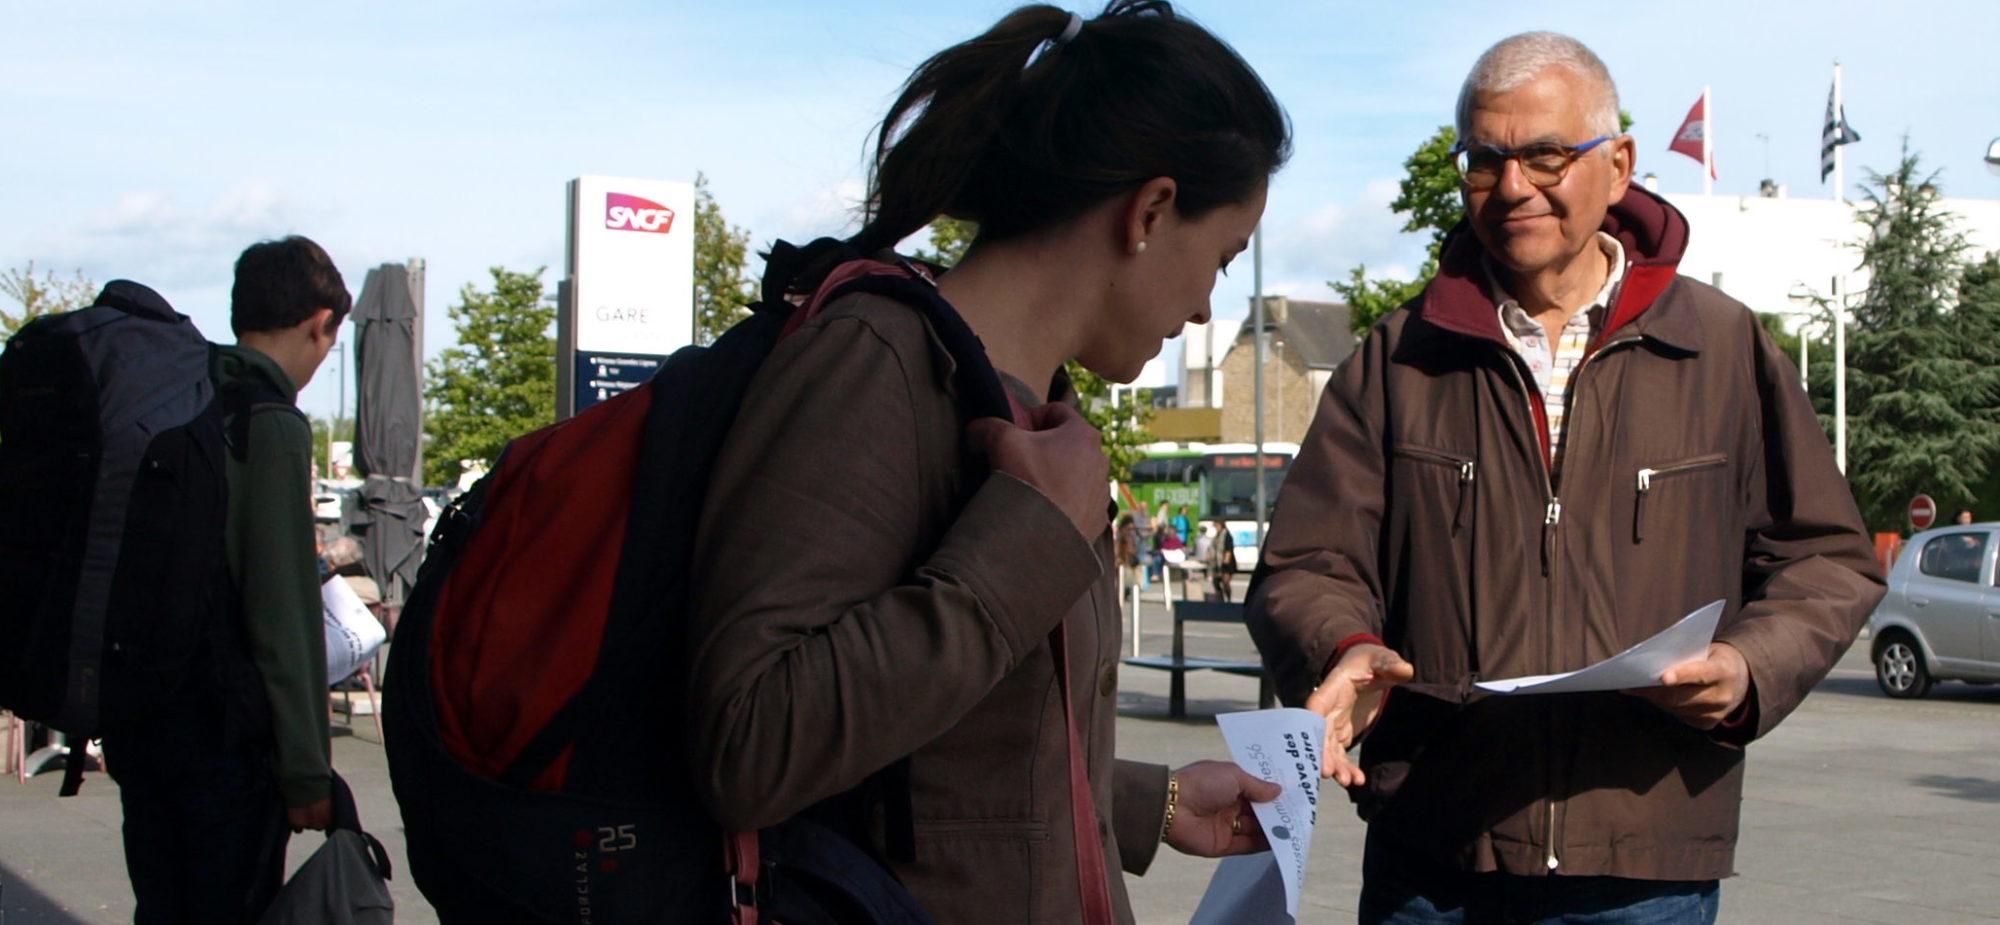 Gare de Vannes : Causes communes 56 dialogue avec les usagers